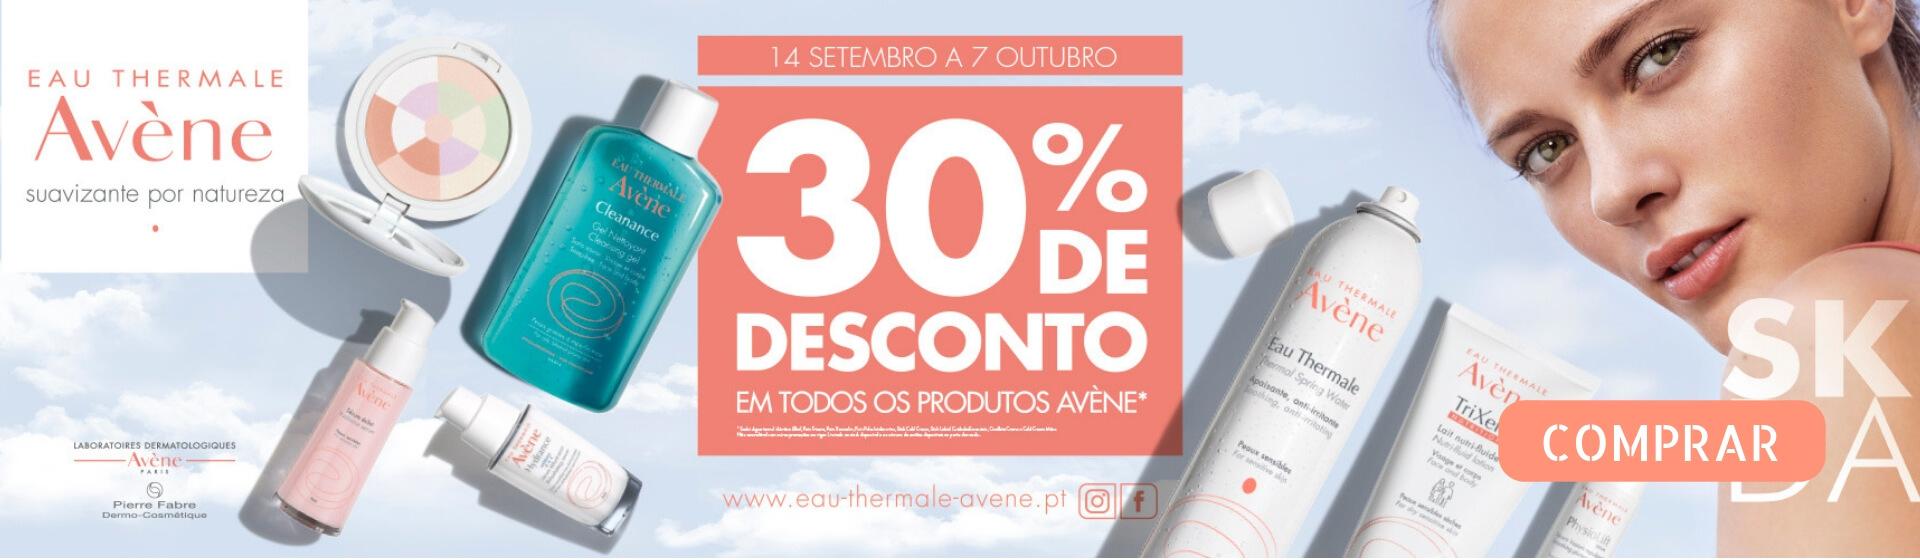 Avene_Promoção_Pharmascalabis